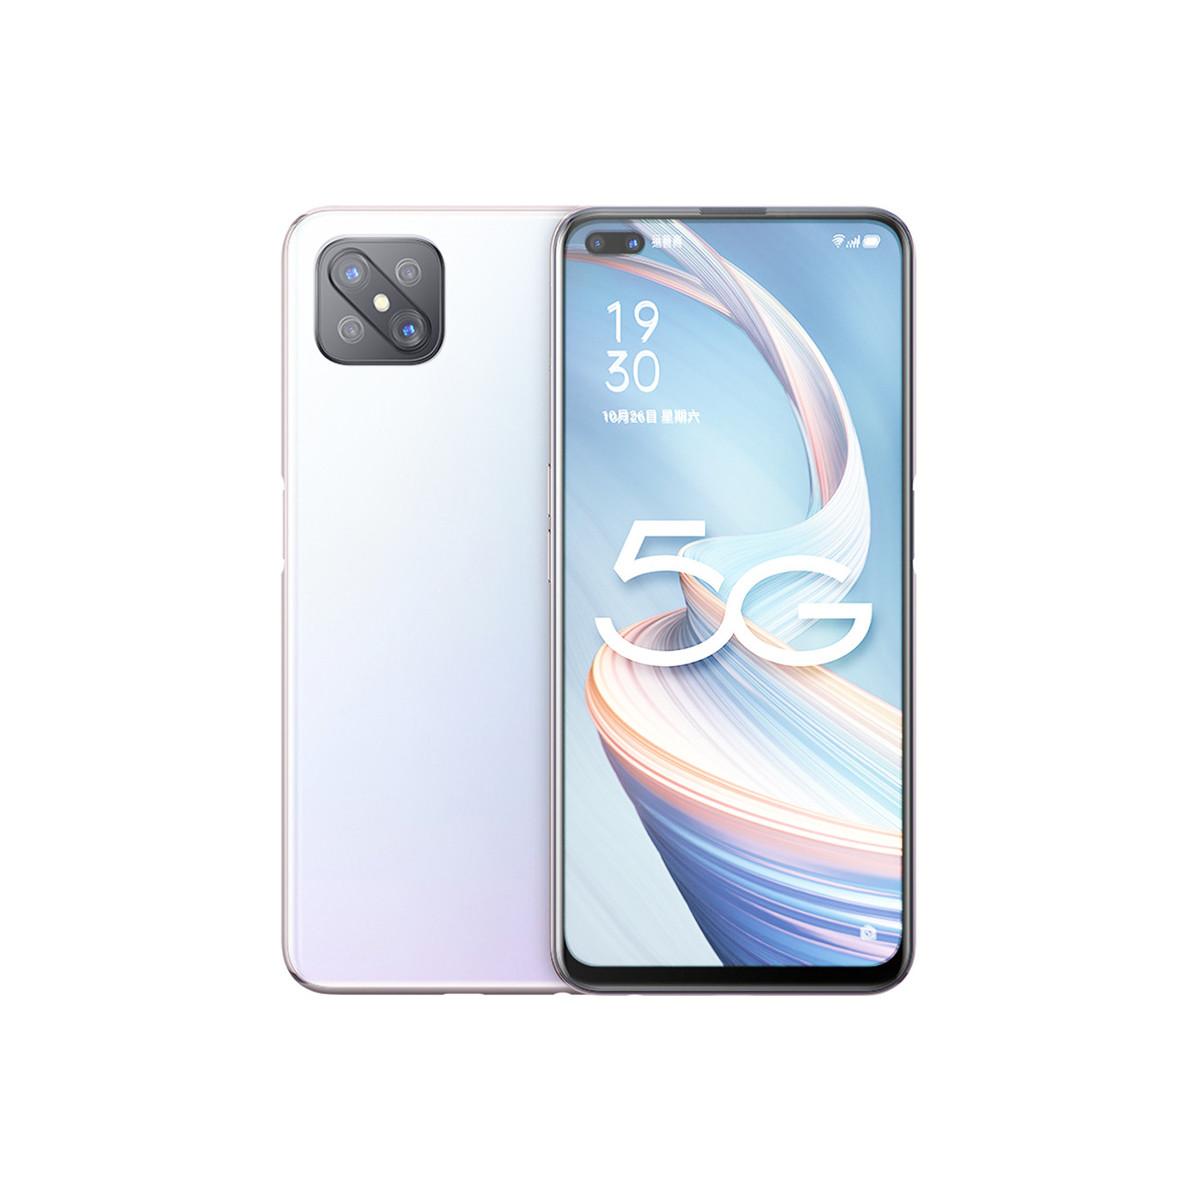 OPPOA92s【手环套餐】5G全网通双摄美颜全面屏智能拍照游戏手机A92s私语白套餐C